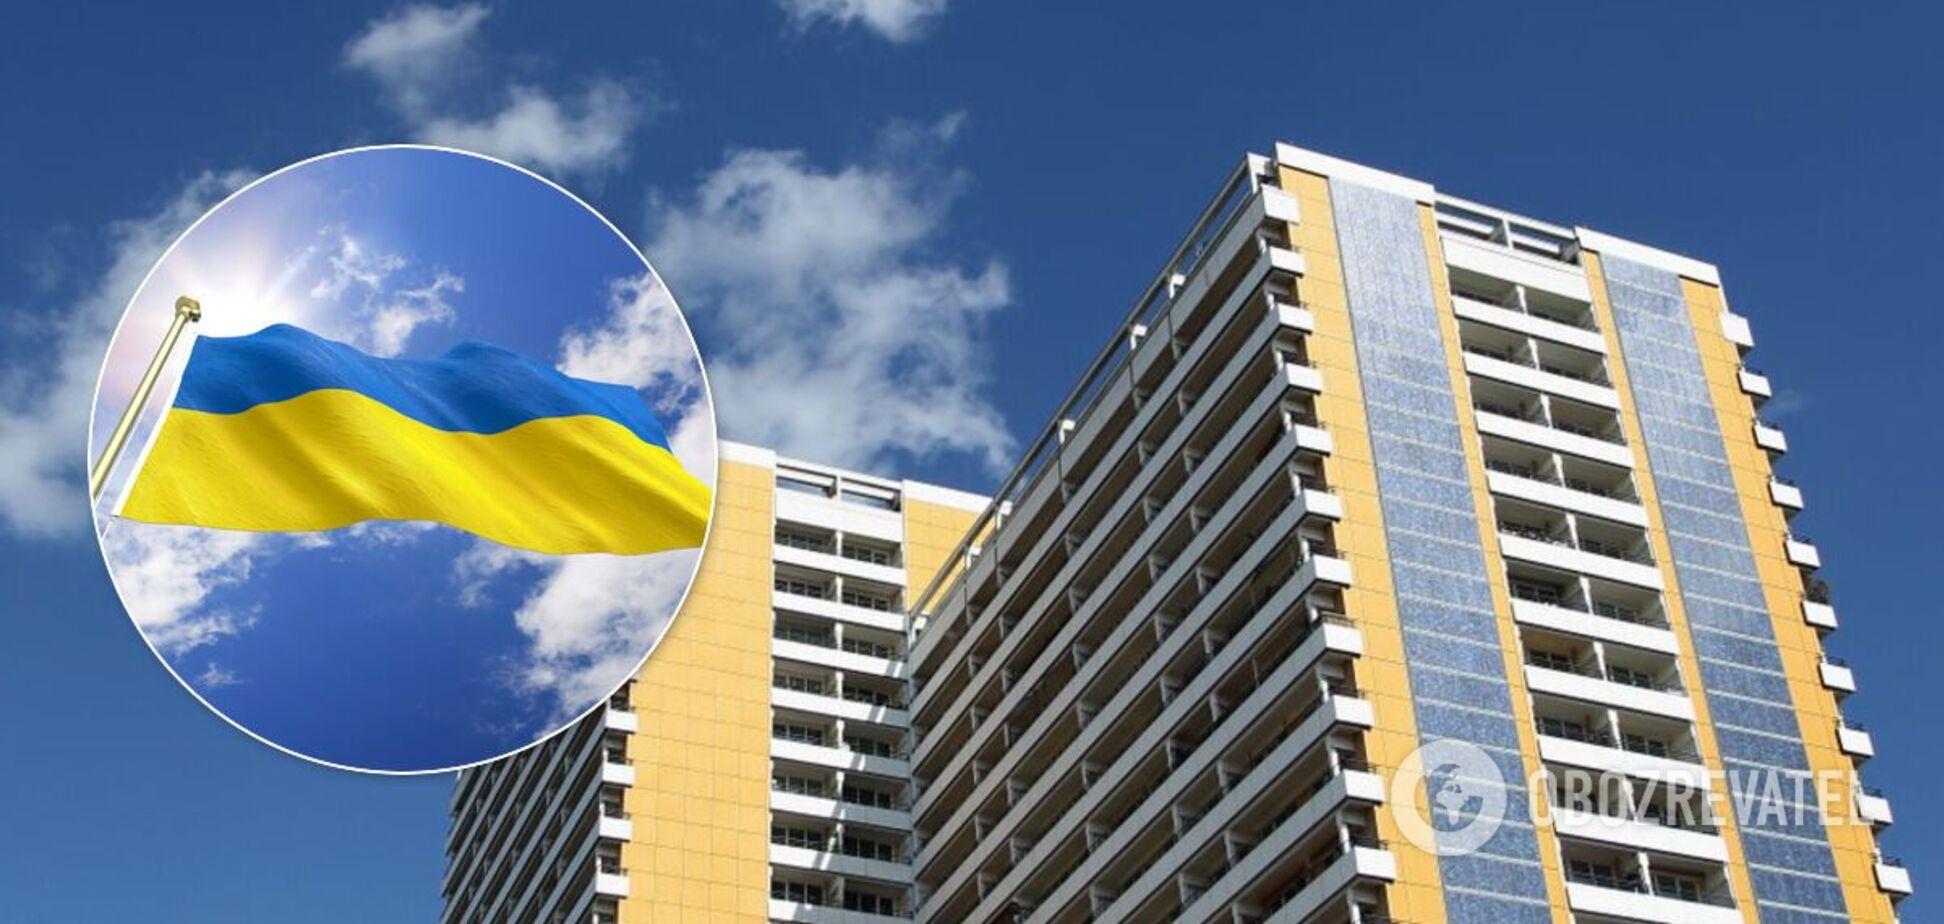 Будівельна галузь в Україні: підсумки 2020 року